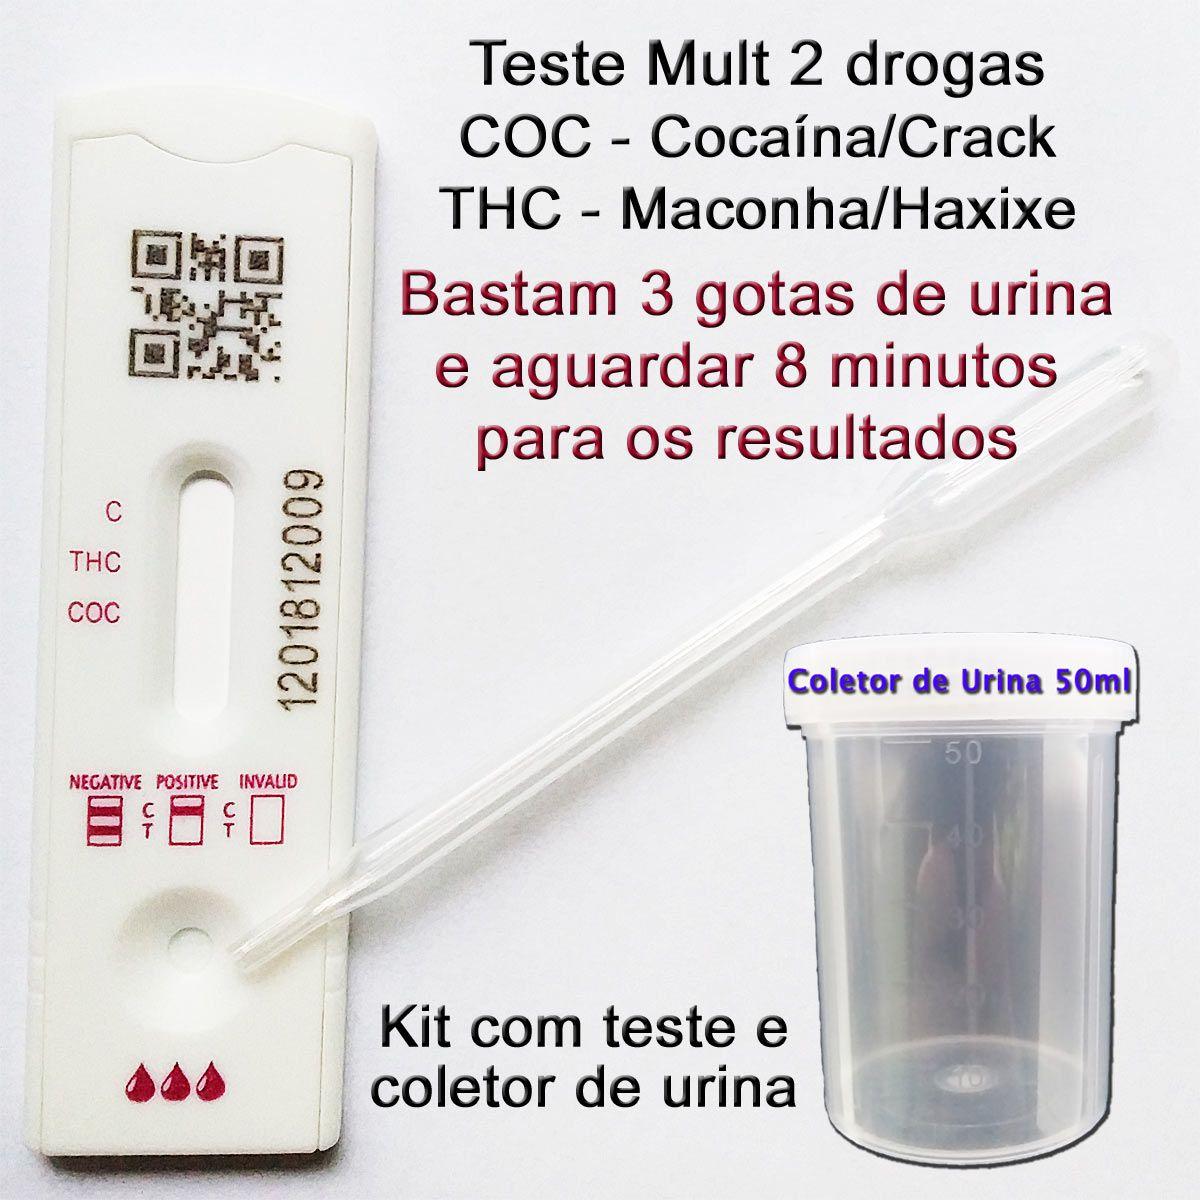 05 Kits para teste de 2 substâncias - COC+THC  - Testes Para Drogas e Parar de Beber e Fumar